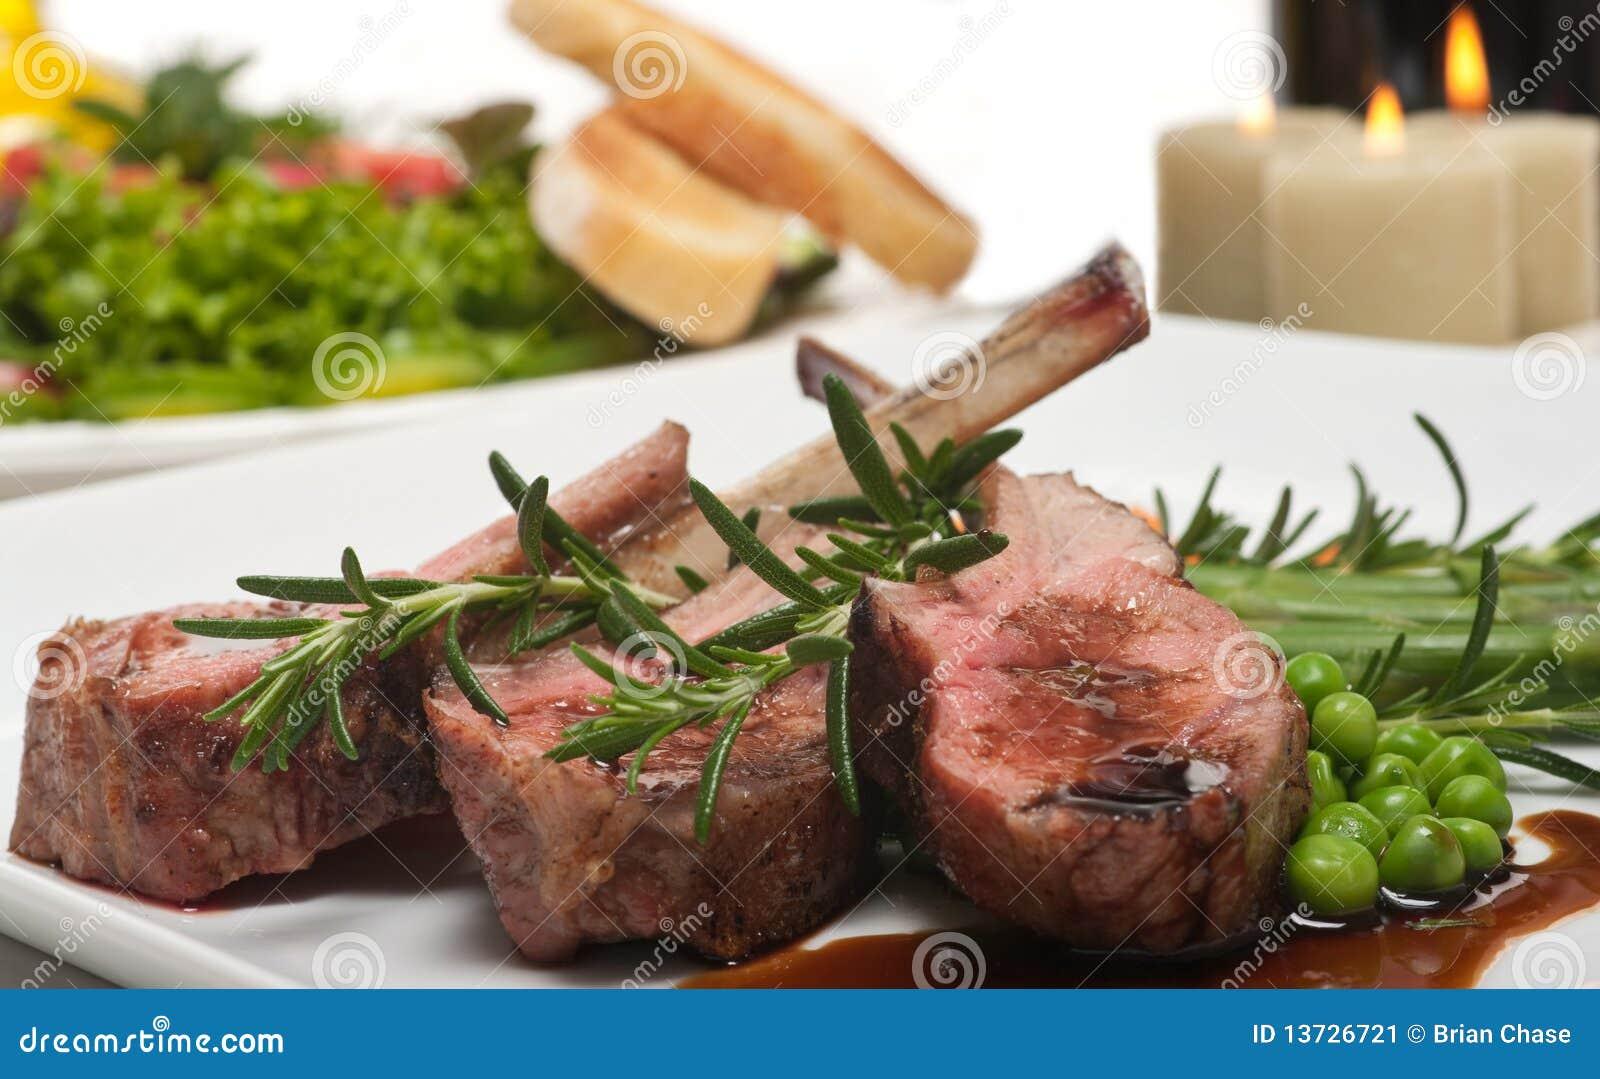 Taglio ed insalata di agnello immagine stock immagine di for Insalata da taglio